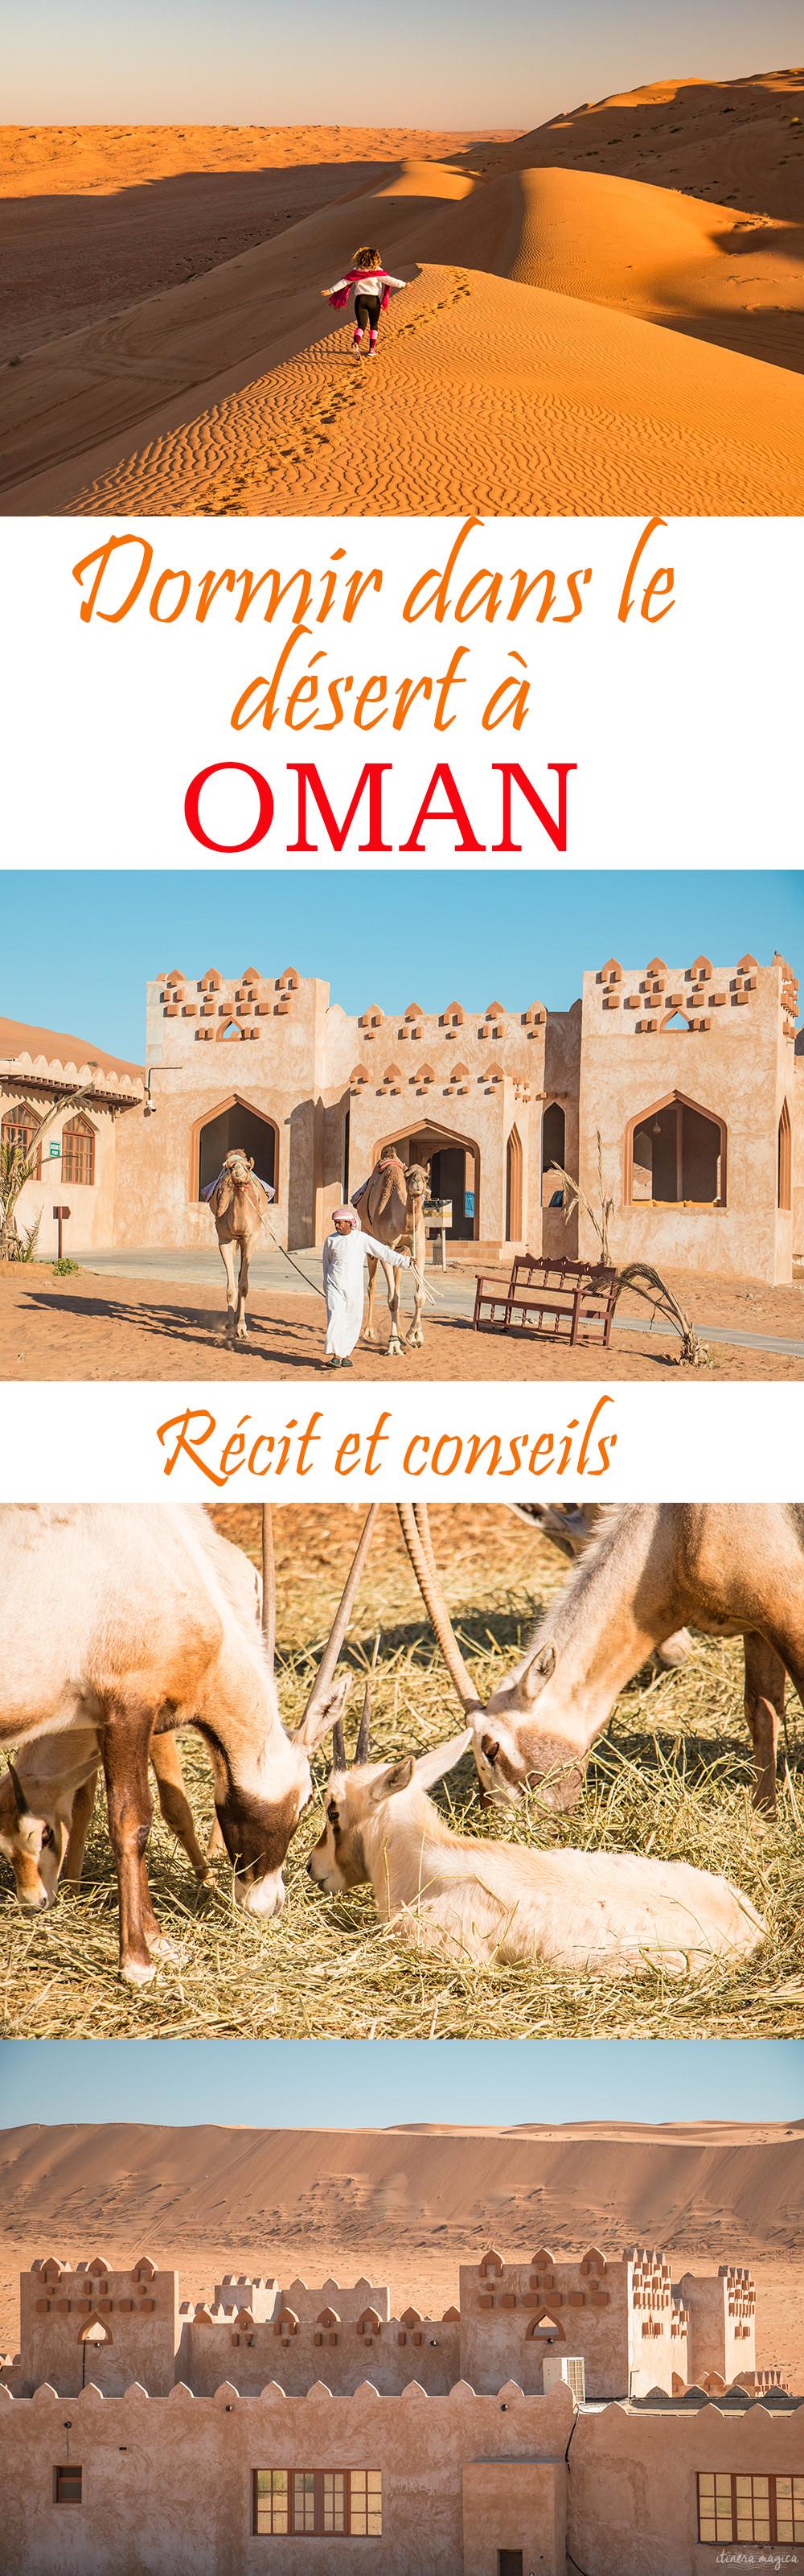 Une nuit dans le désert à Oman ? Récit et conseils pour choisir votre camp dans le désert du Wahiba Sands à #Oman.